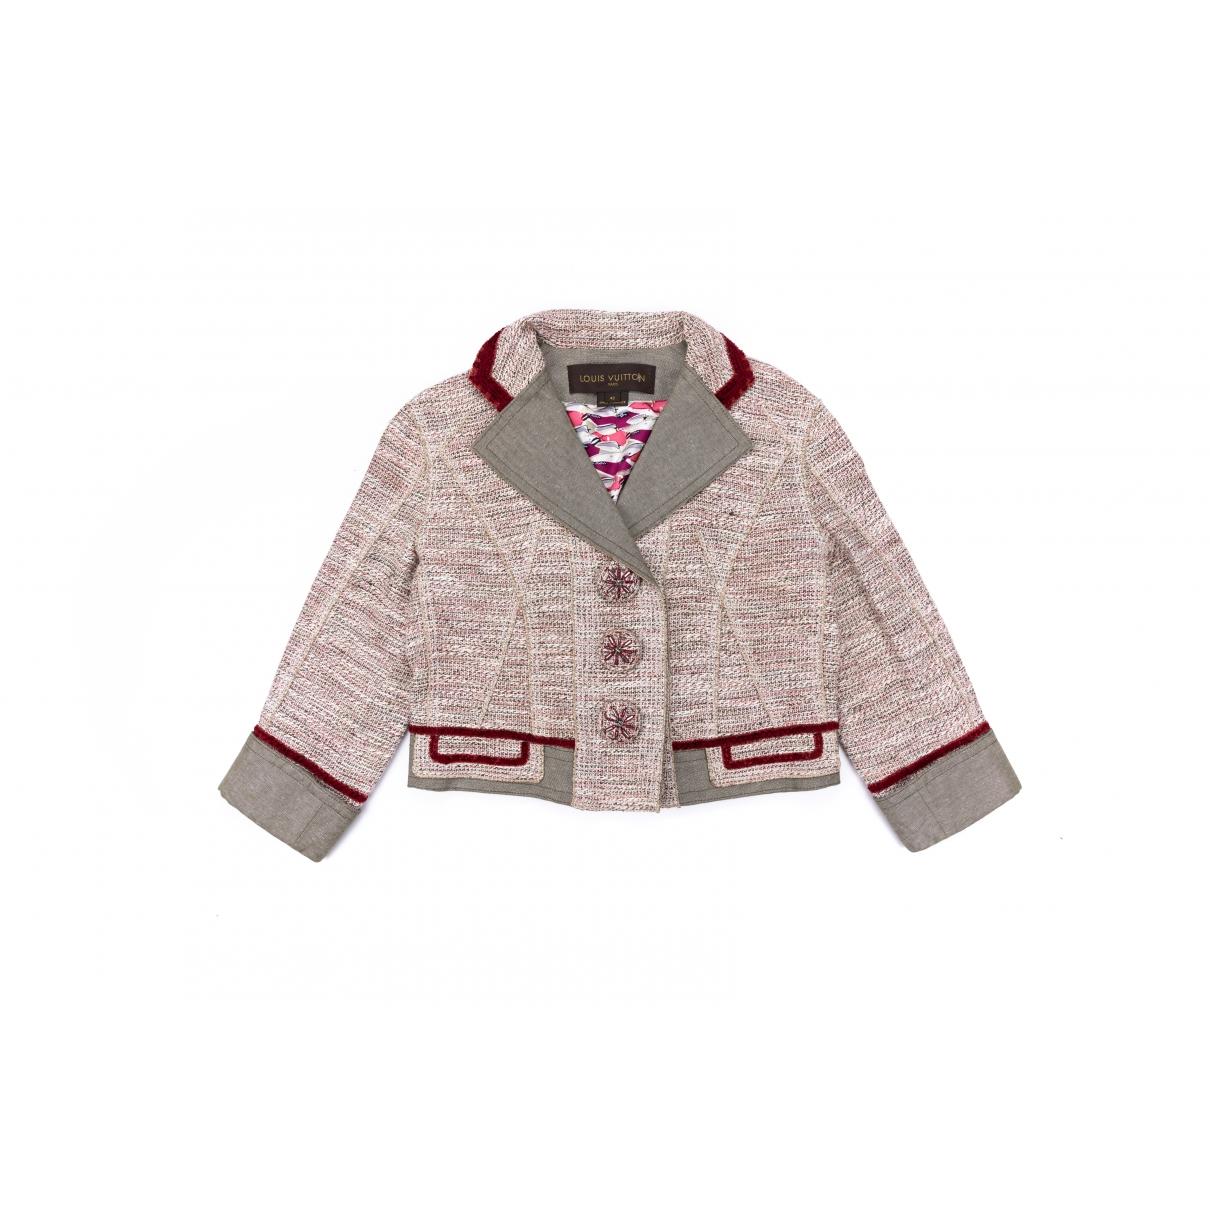 Louis Vuitton - Blouson   pour femme en coton - beige